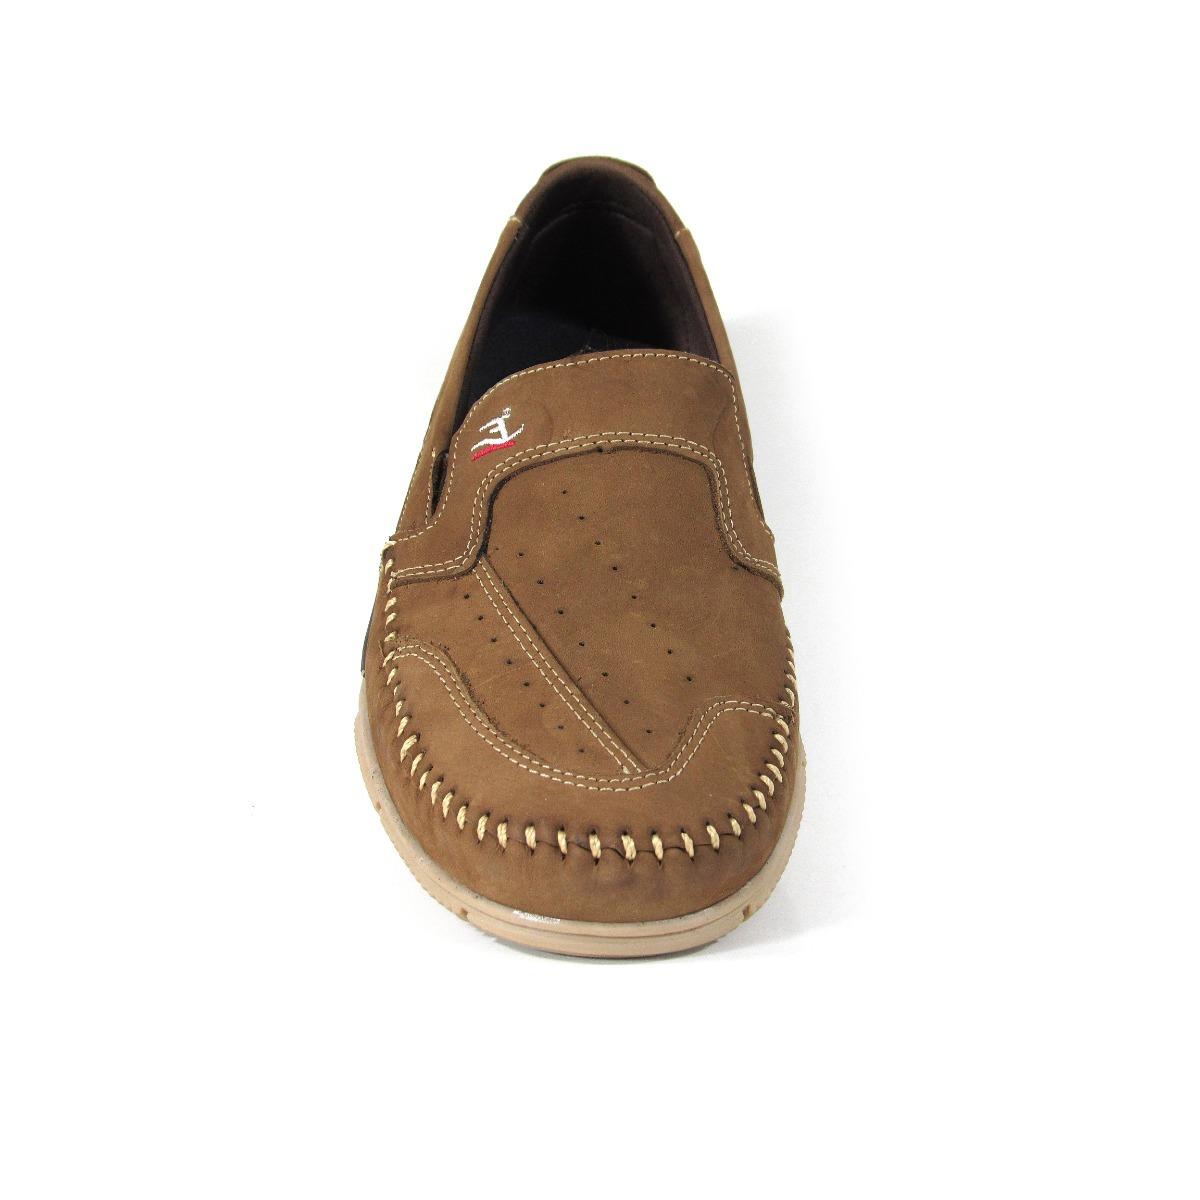 2ca5a3d1b4 sapato mocassim sider sapatilha masculino camurça marrom. Carregando zoom.